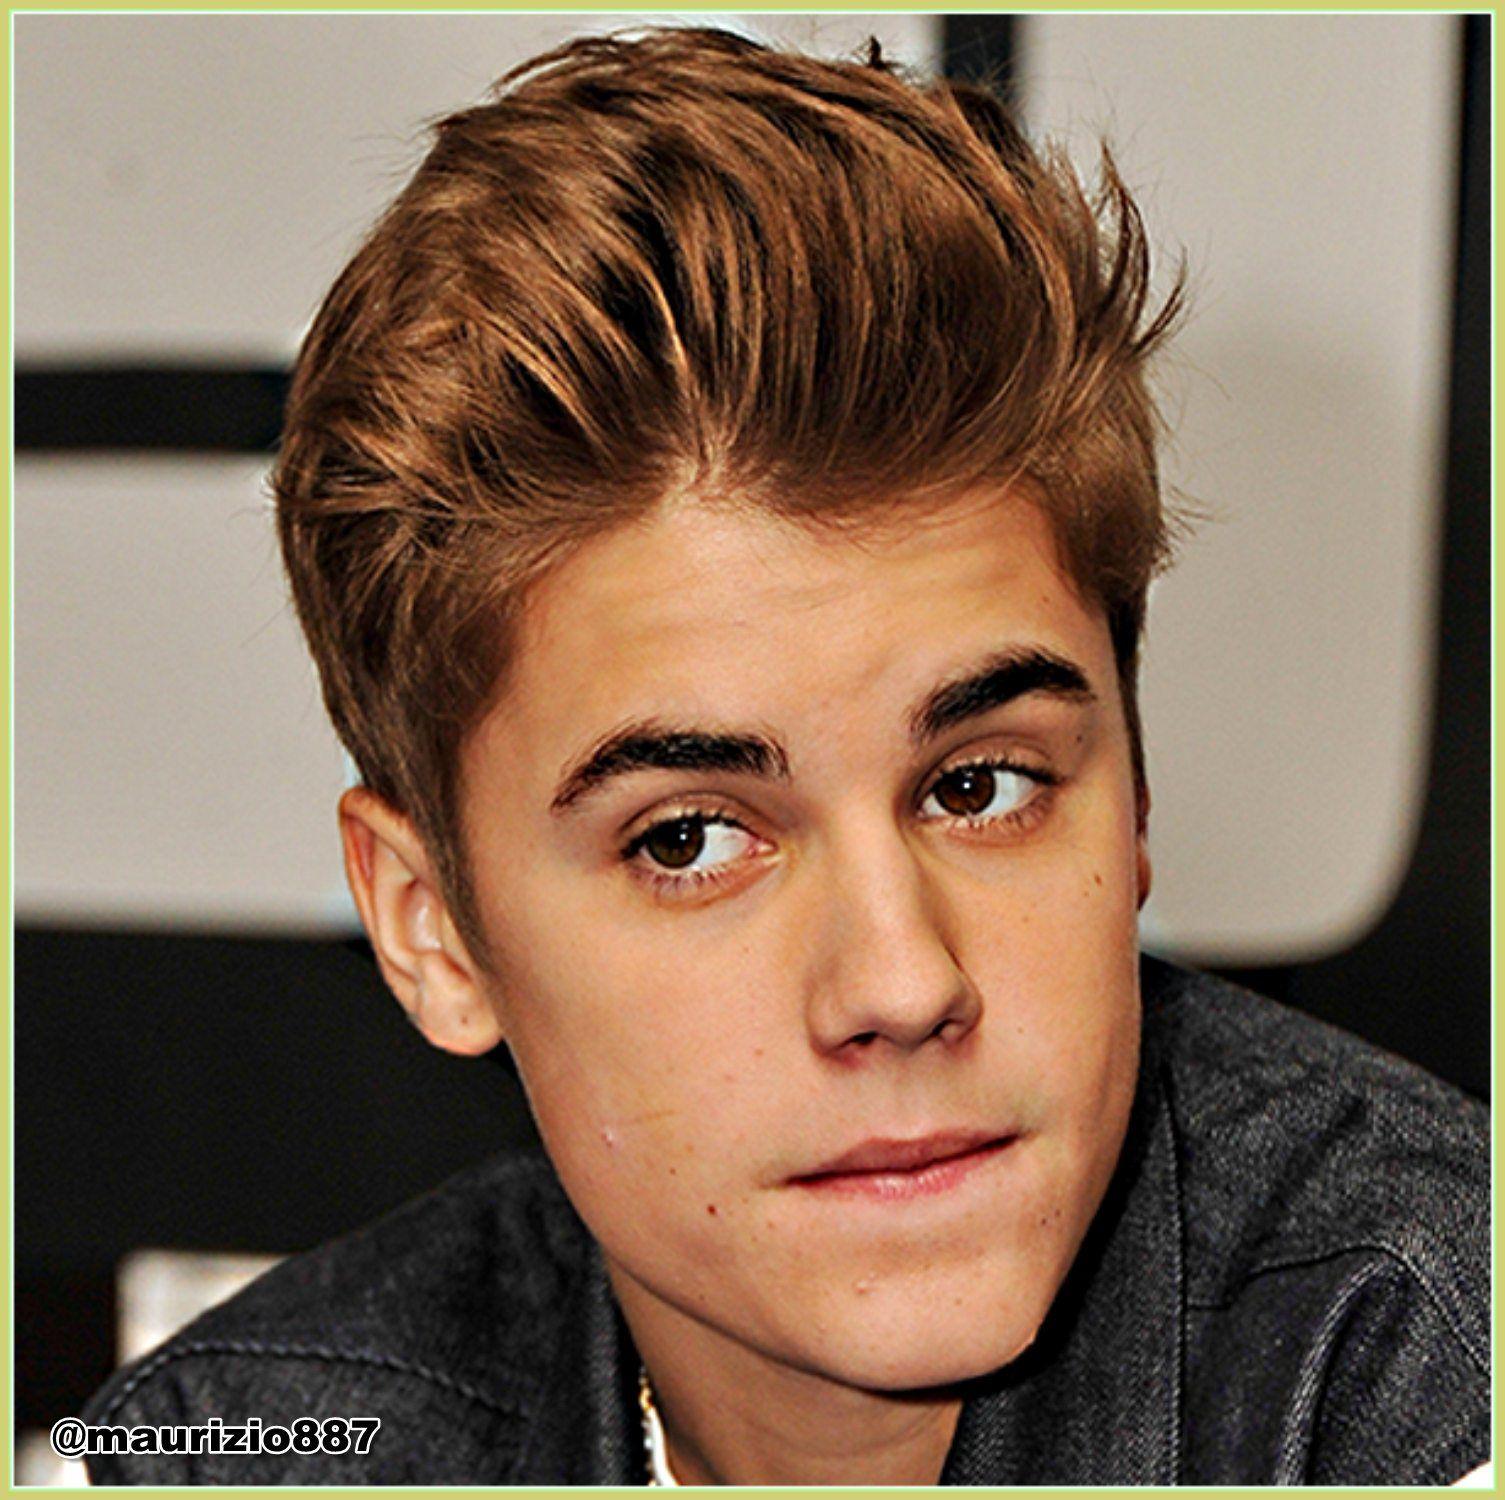 Justin Bieber Photo Justin Bieber 2013 Justin Bieber Brown Hair Mens Hairstyles Curly Hair Men